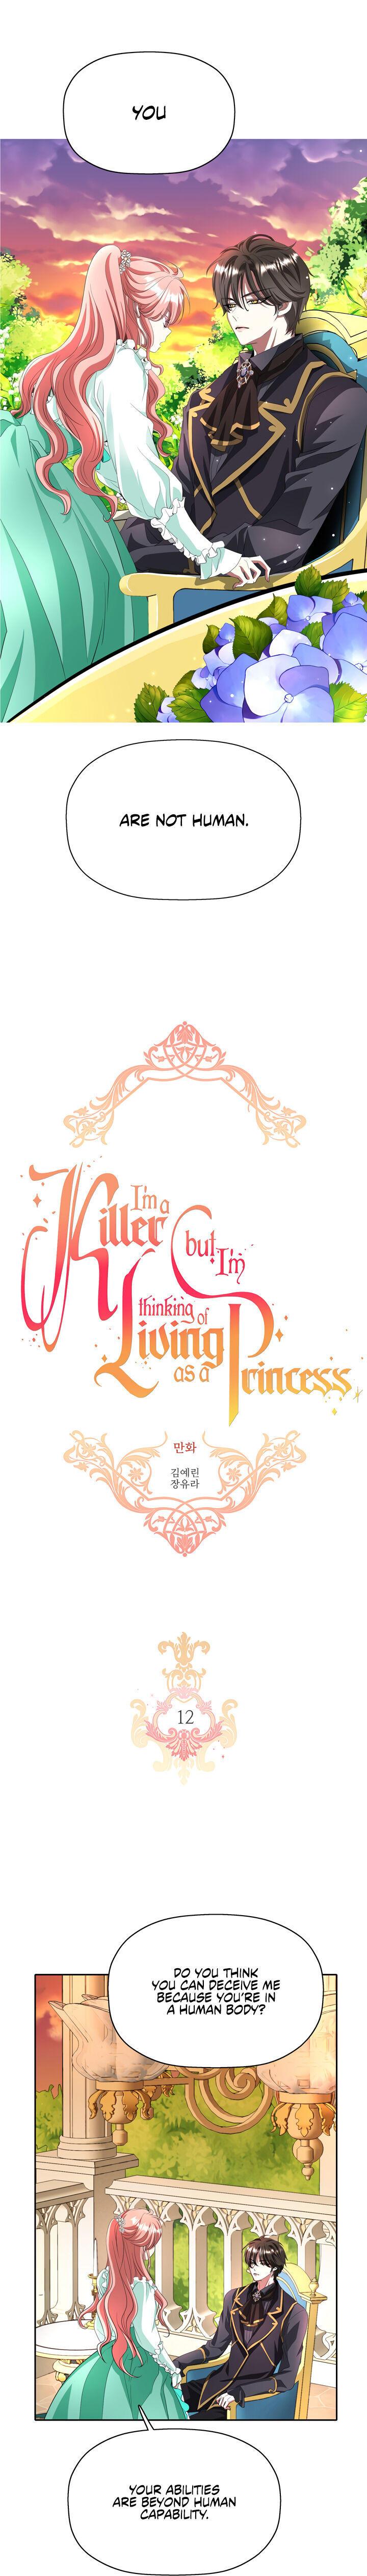 I'M A Killer But I'M Thinking Of Living As A Princess Chapter 12 page 2 - Mangakakalots.com